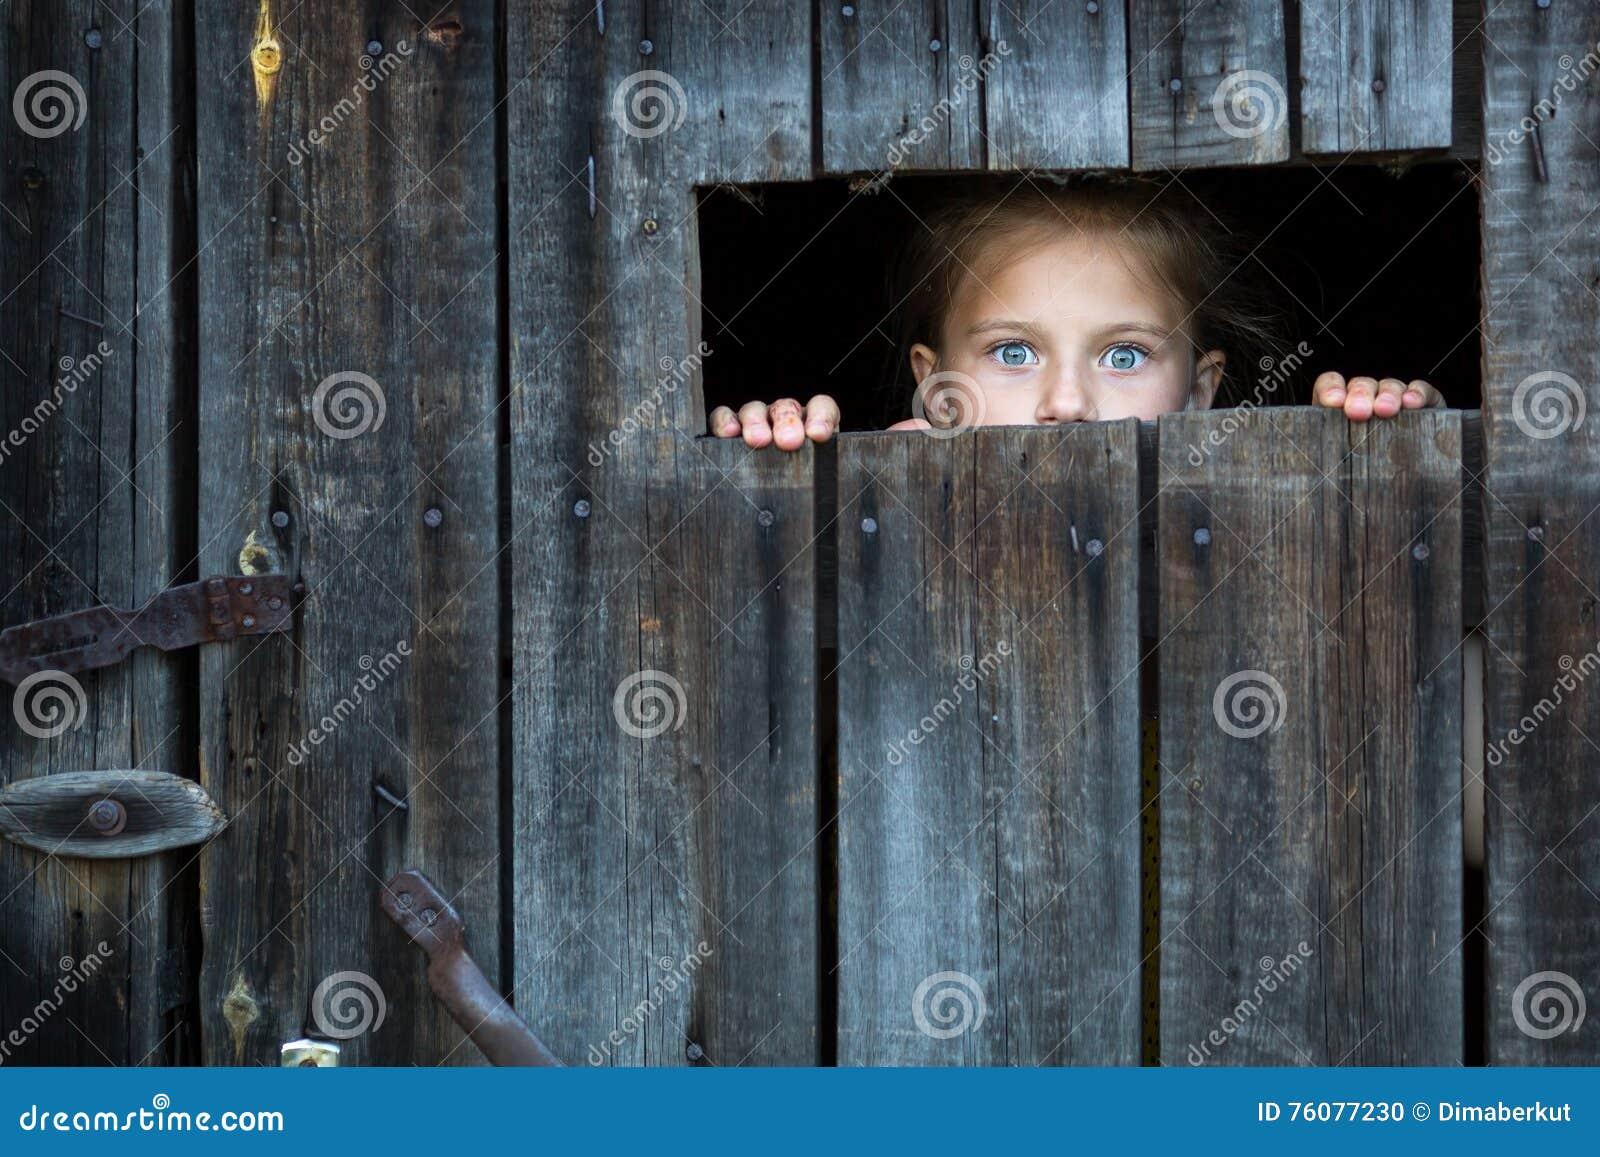 Κλείδωσε το παιδί κοιτάζει αγωνιωδώς μέσω της ρωγμής στην πόρτα σιταποθηκών τρόμος